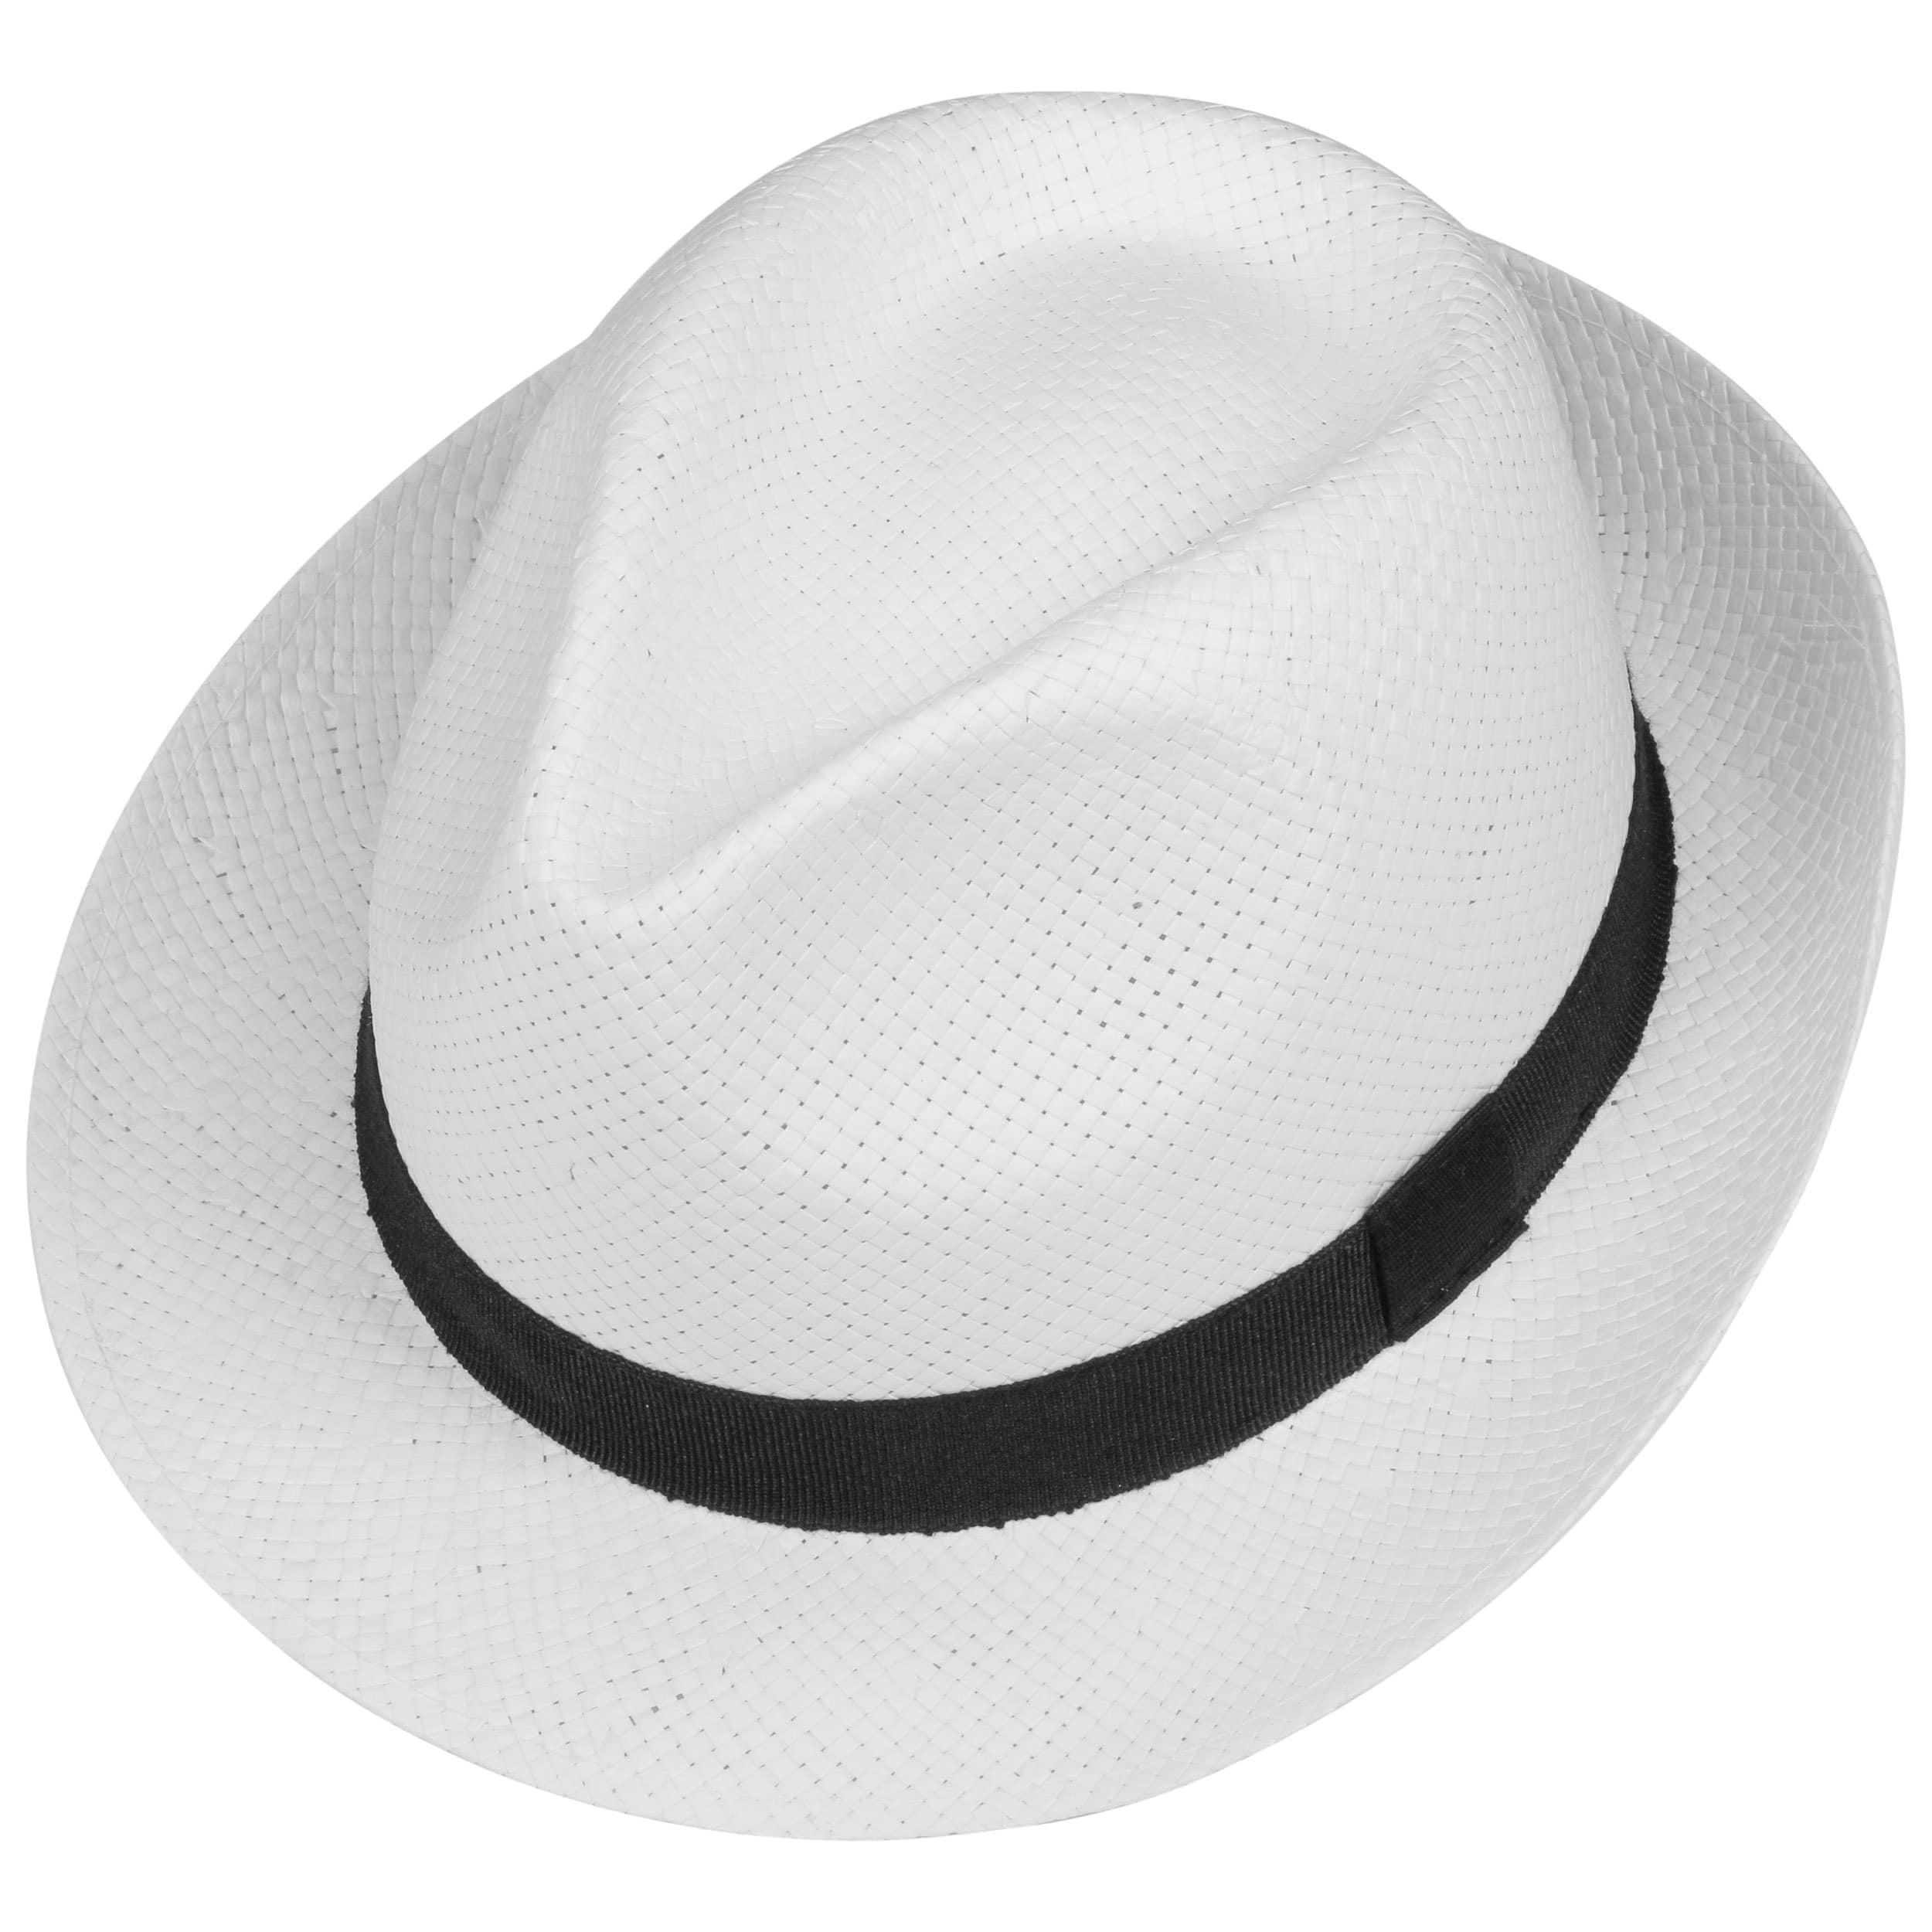 Cappello White City Trilby by Lipodo - bianco 1 ... 22c1062252e2